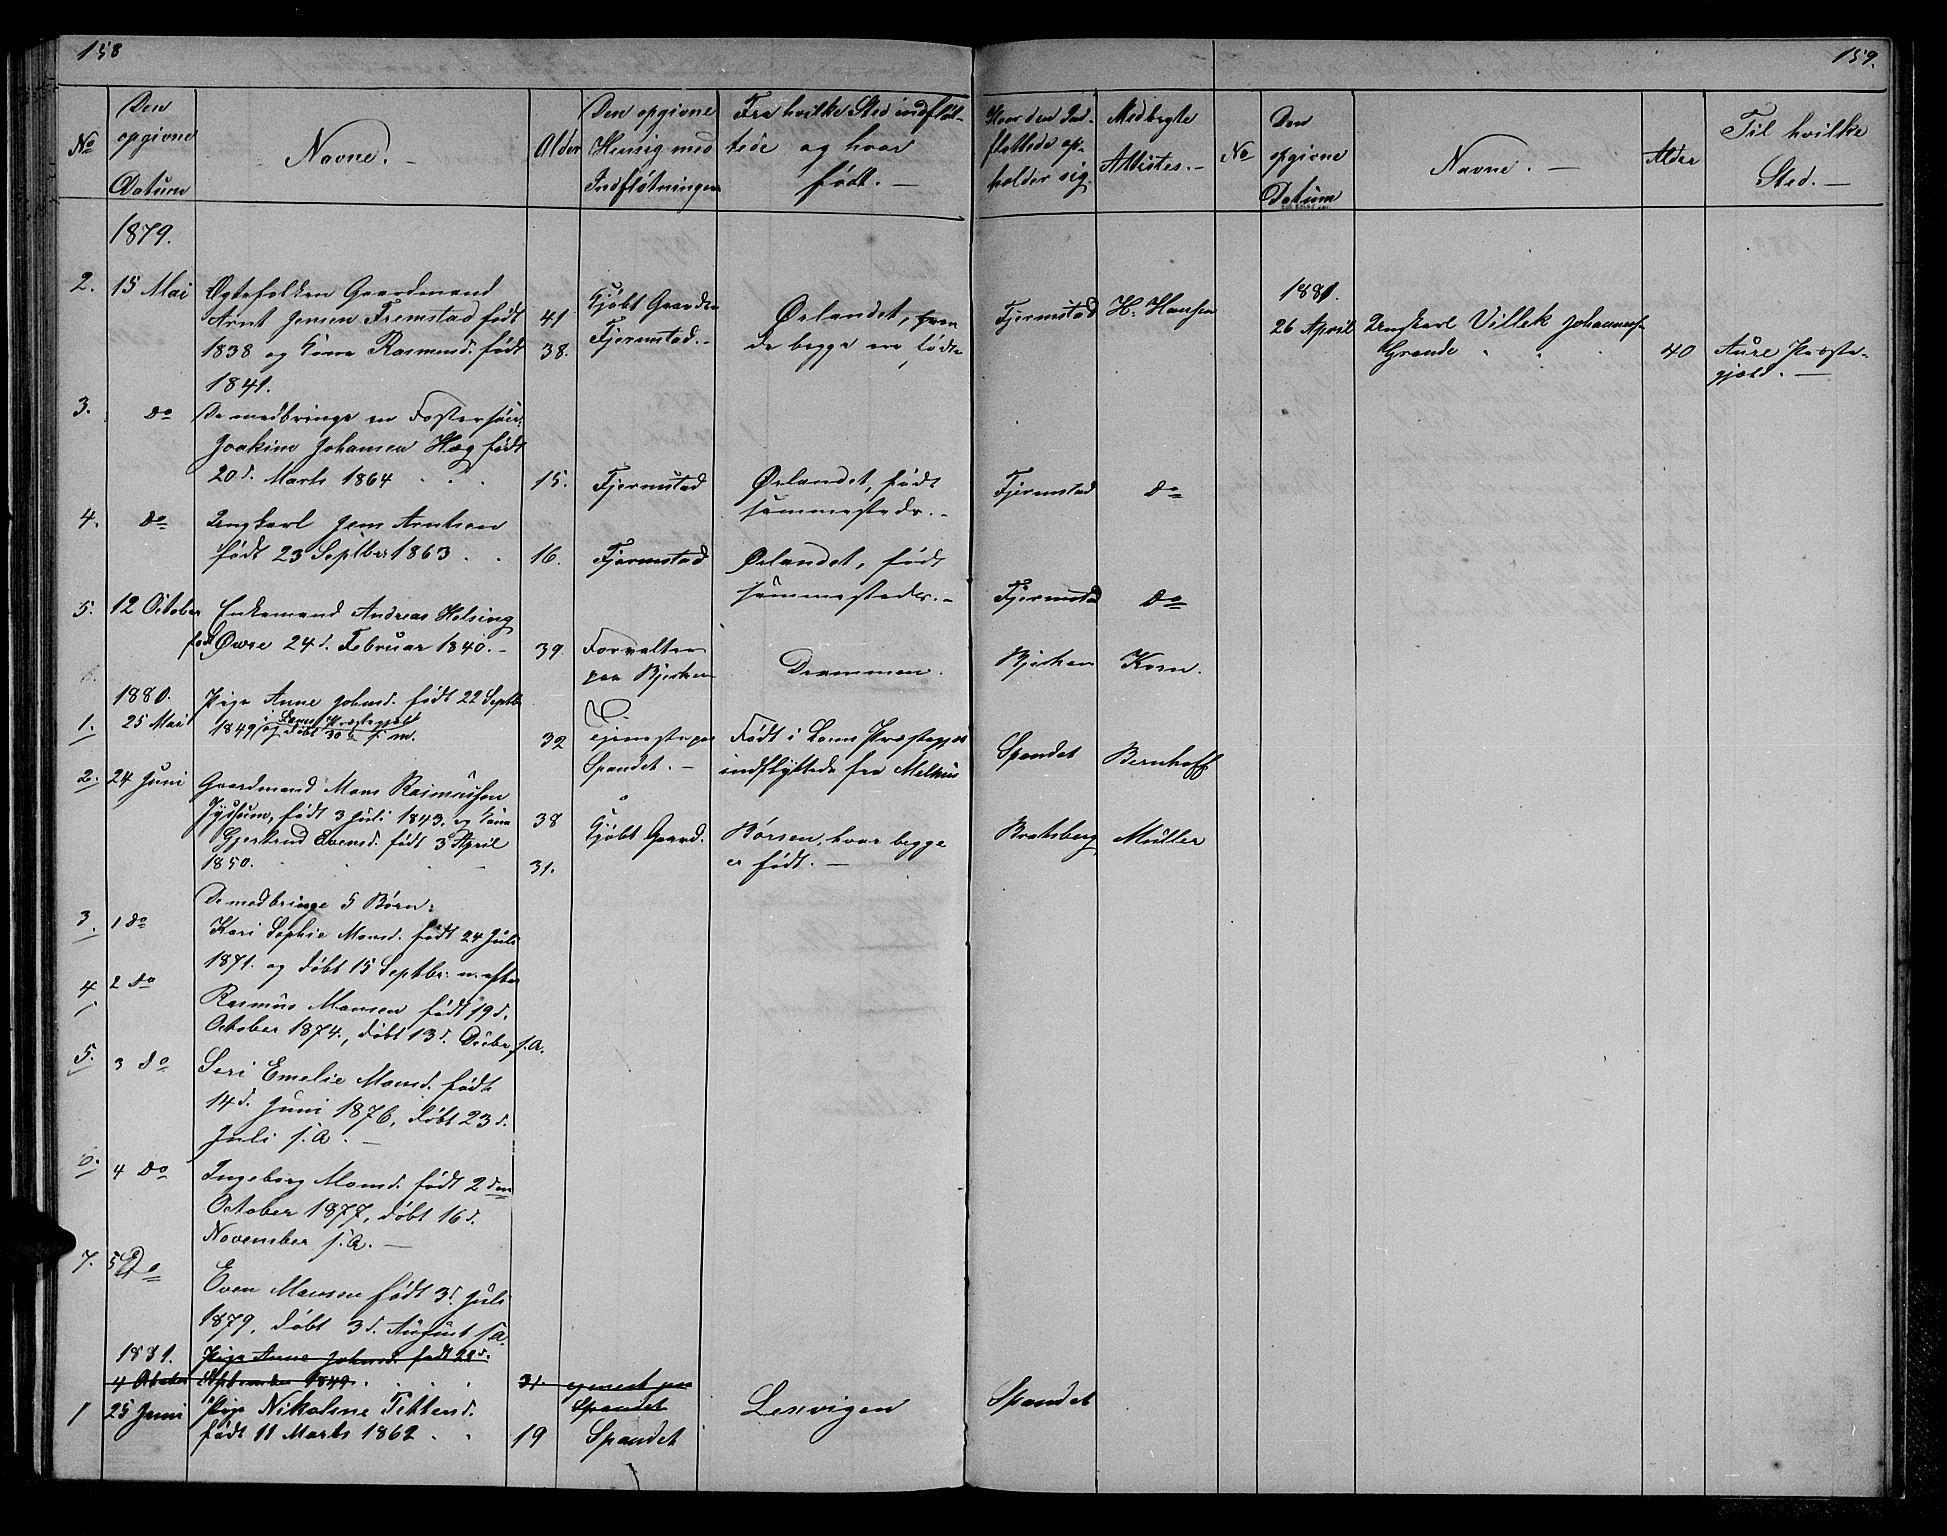 SAT, Ministerialprotokoller, klokkerbøker og fødselsregistre - Sør-Trøndelag, 608/L0340: Klokkerbok nr. 608C06, 1864-1889, s. 158-159